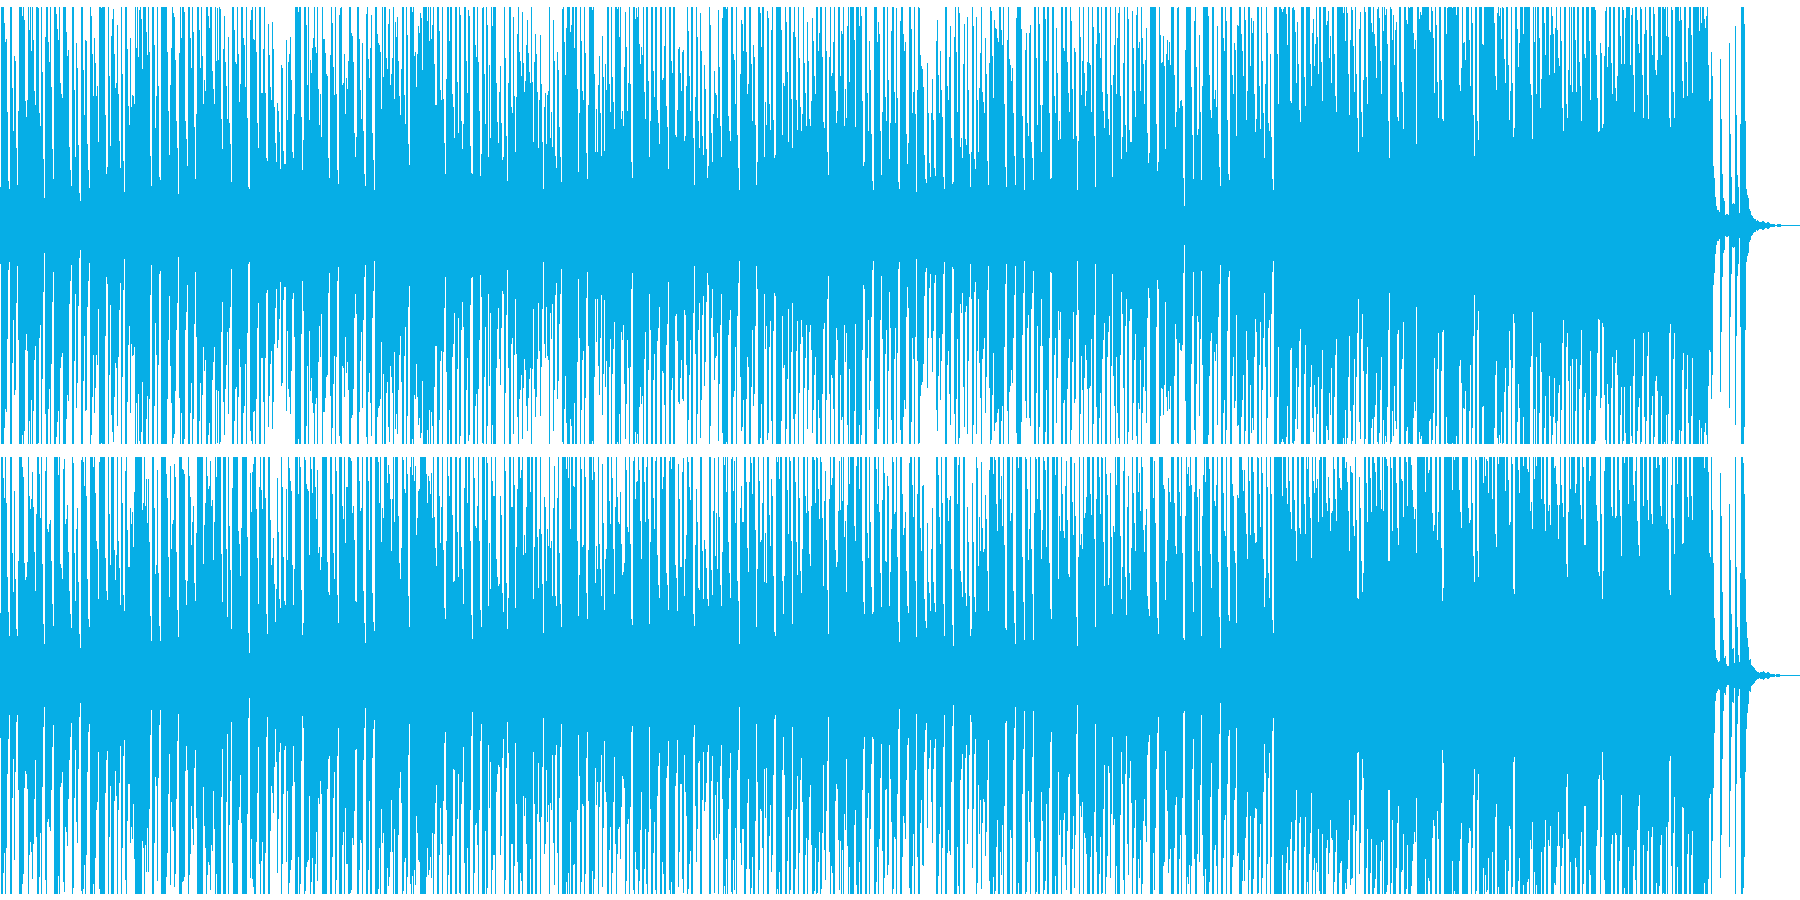 ジプシースイングスタイルの魅力的ジャズの再生済みの波形